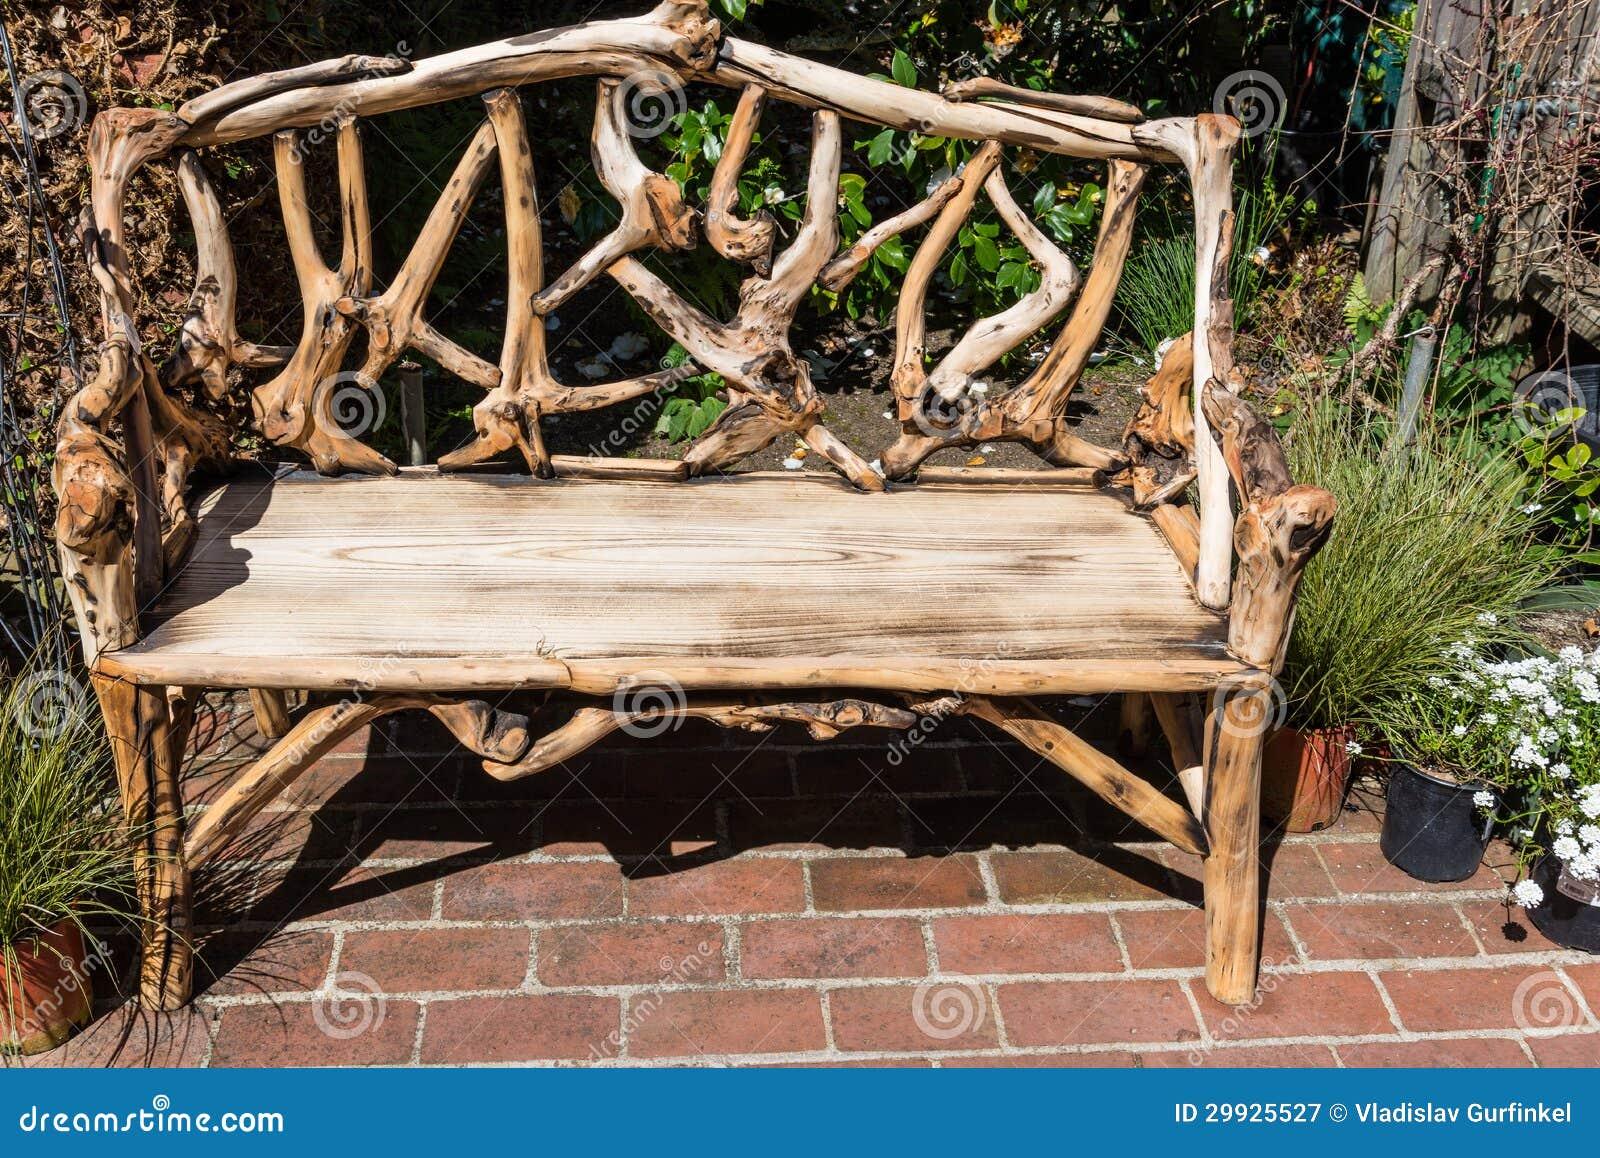 Banc en bois rustique photographie stock libre de droits for Bancos de jardin rusticos